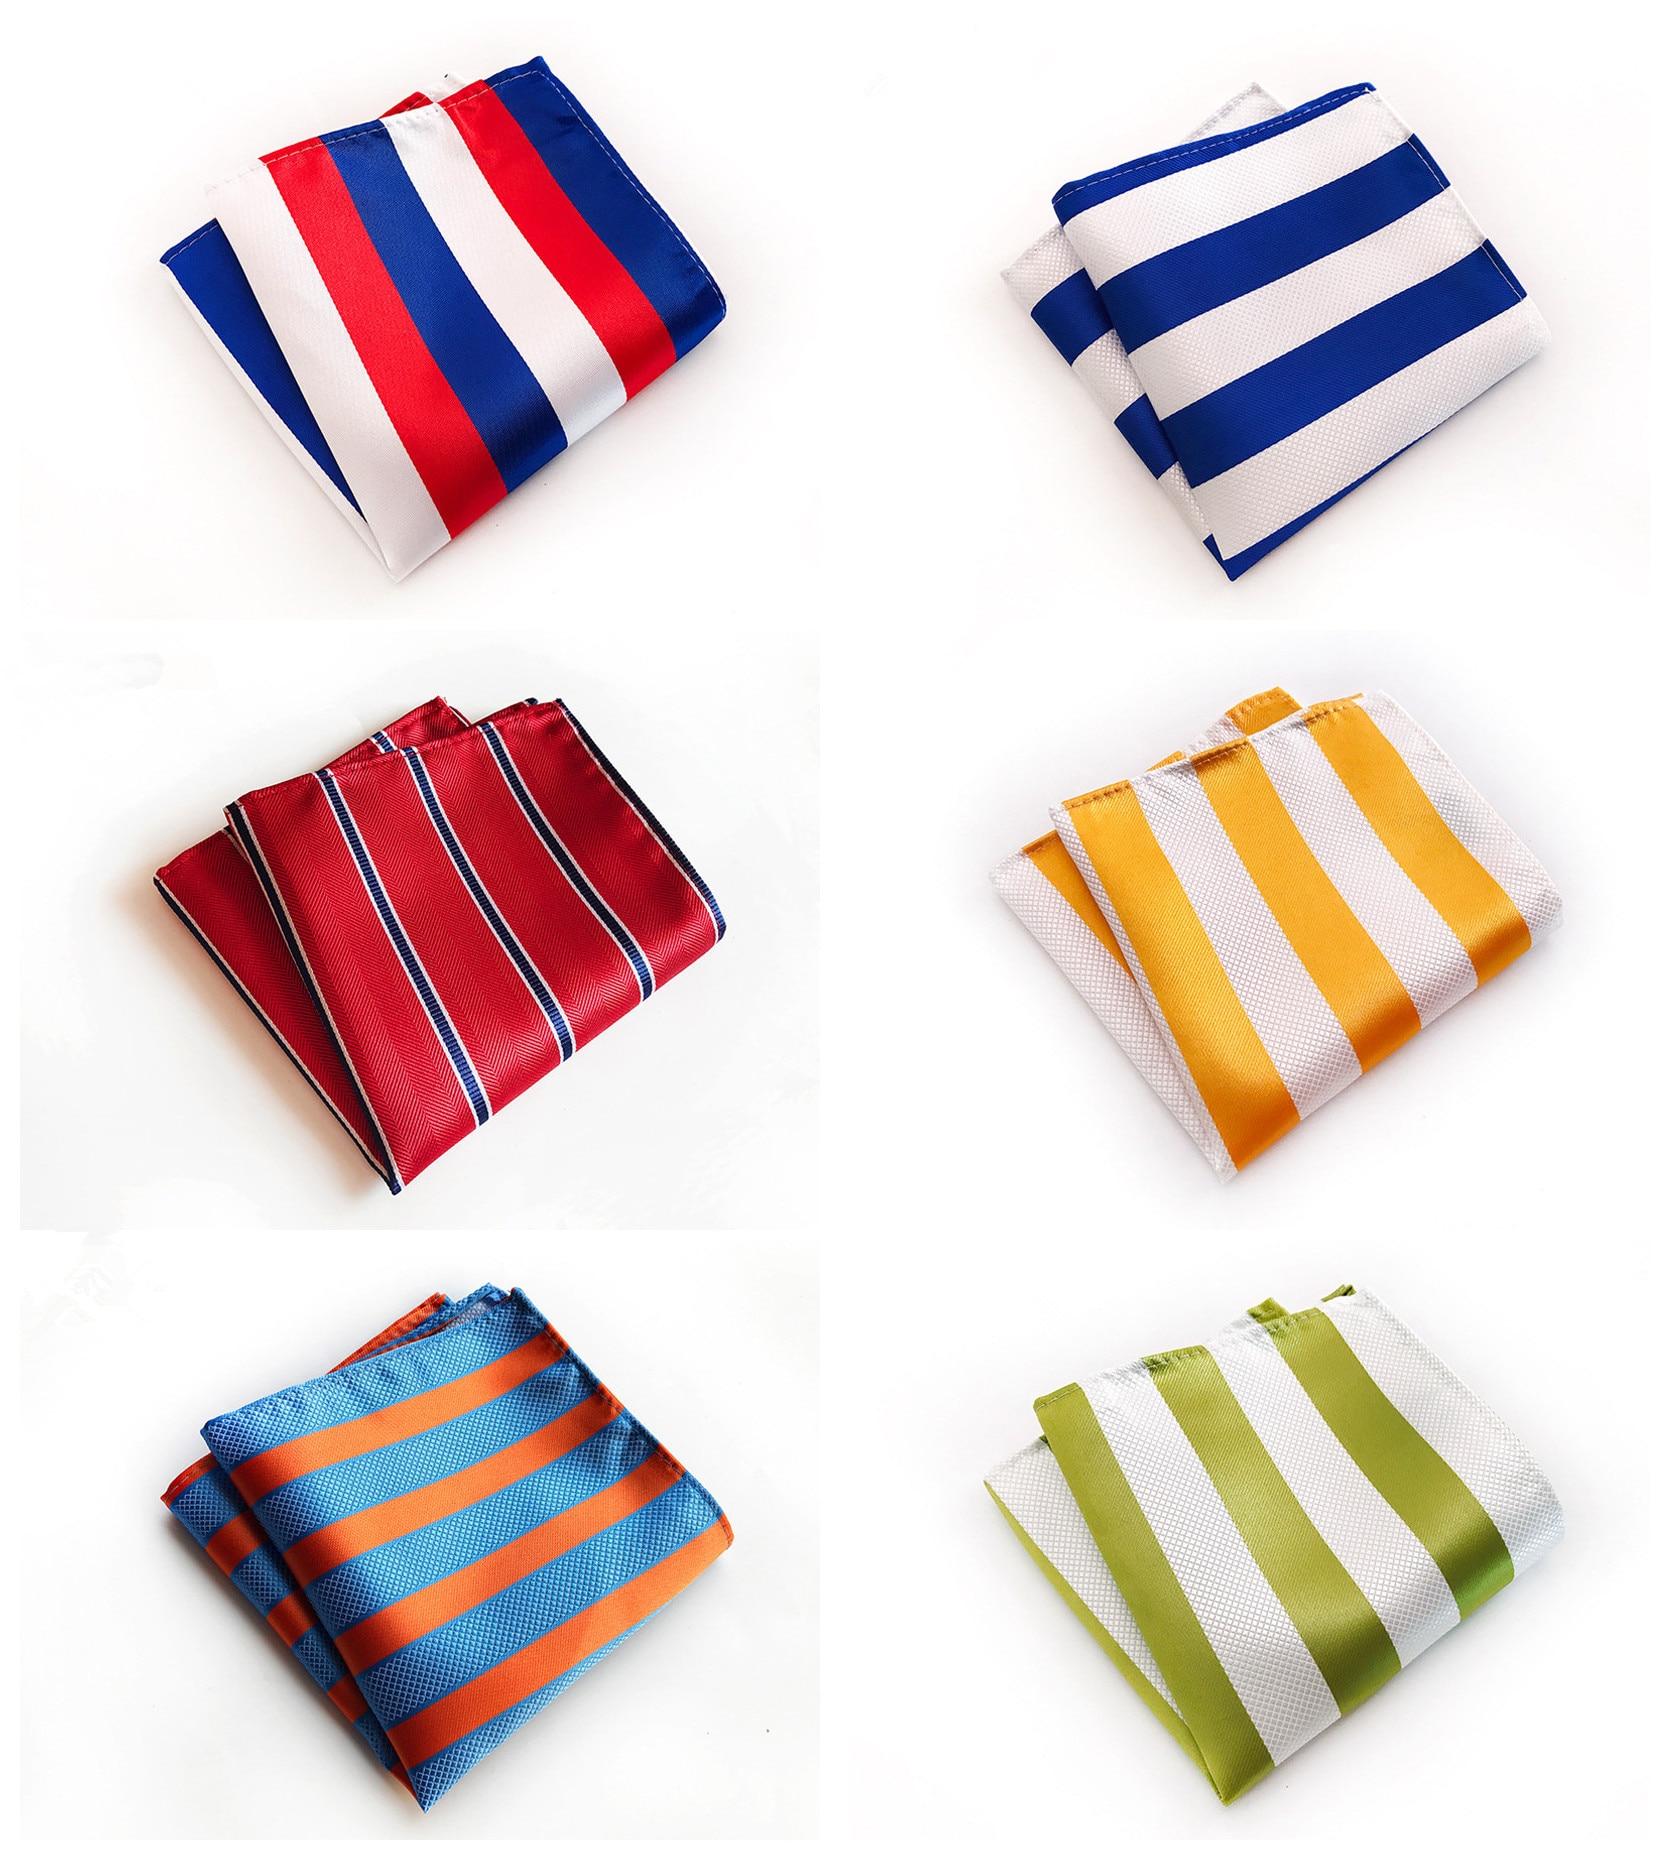 Fashion Design Quality Explosion Models 25x25cm Polyester Pocket Towel Men's Business Dress Multicolor Striped Pocket Towel